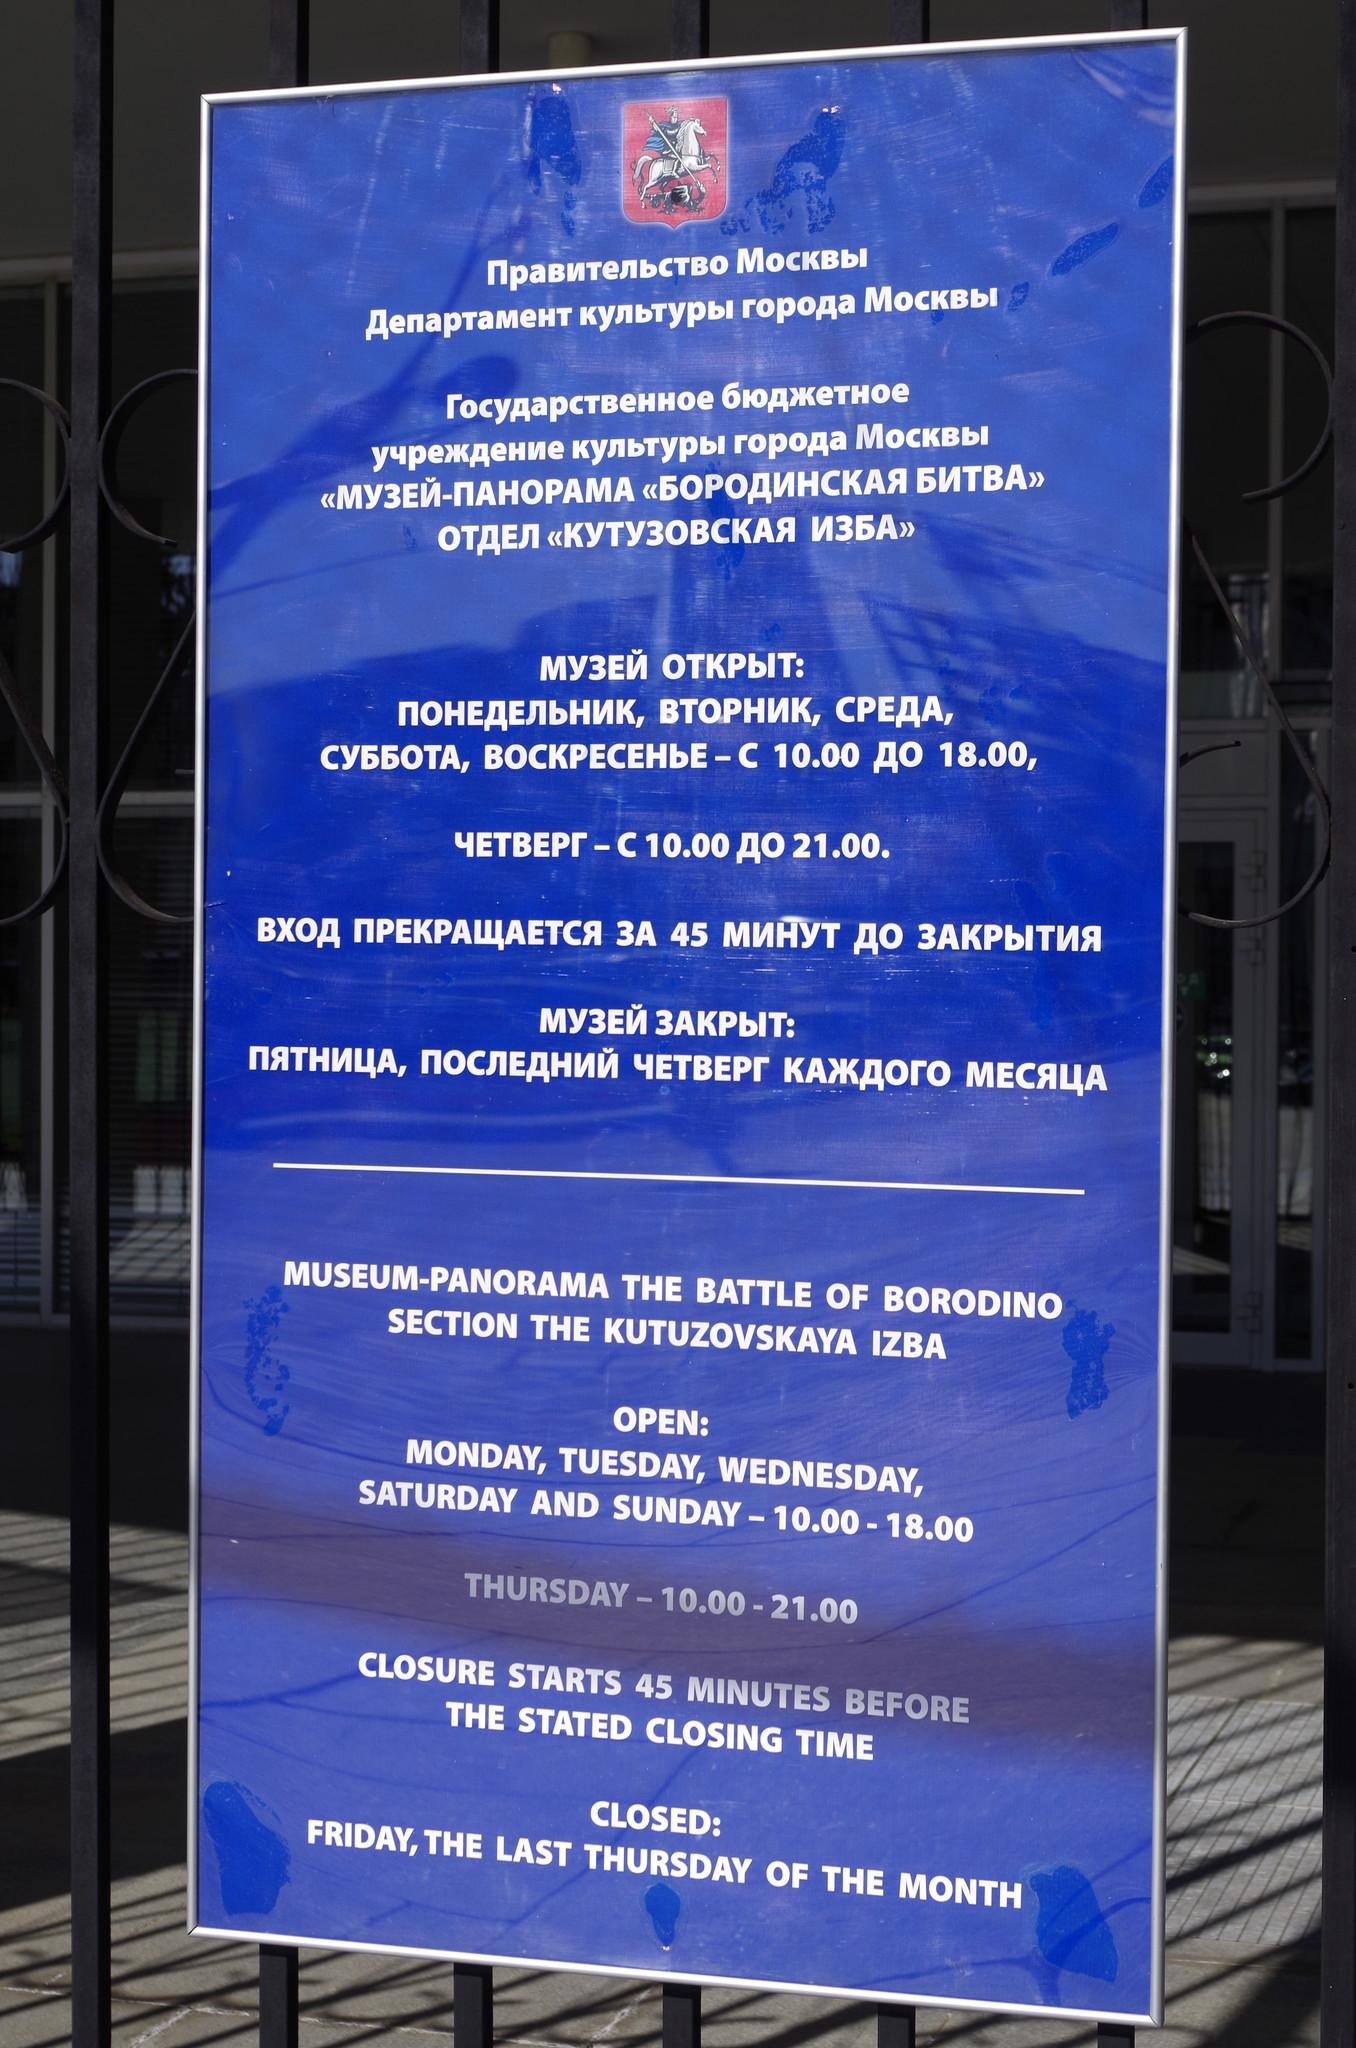 Музей-панорама «Бородинская битва» (Кутузовский проспект, дом 38, строение 1)